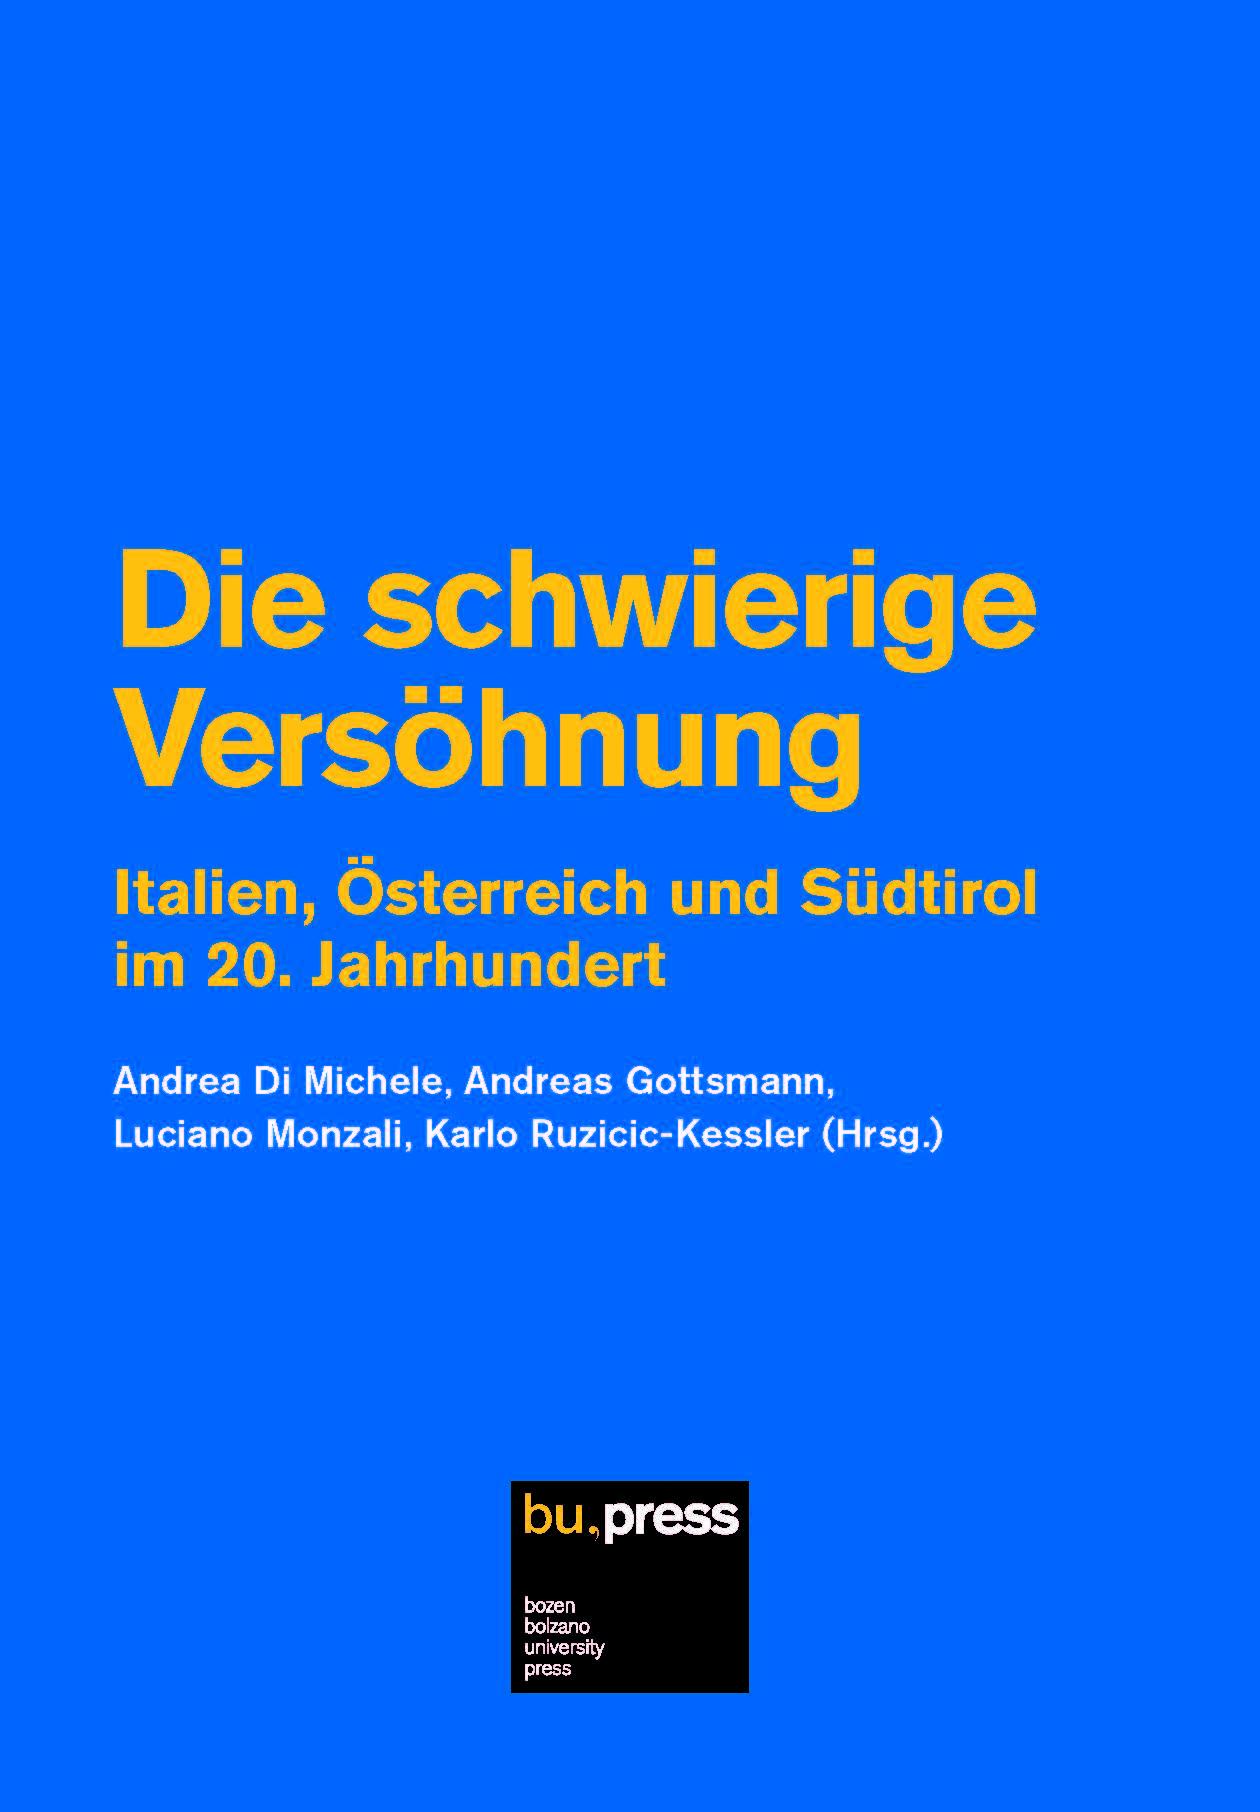 Cover of Die schwierige Versöhnung